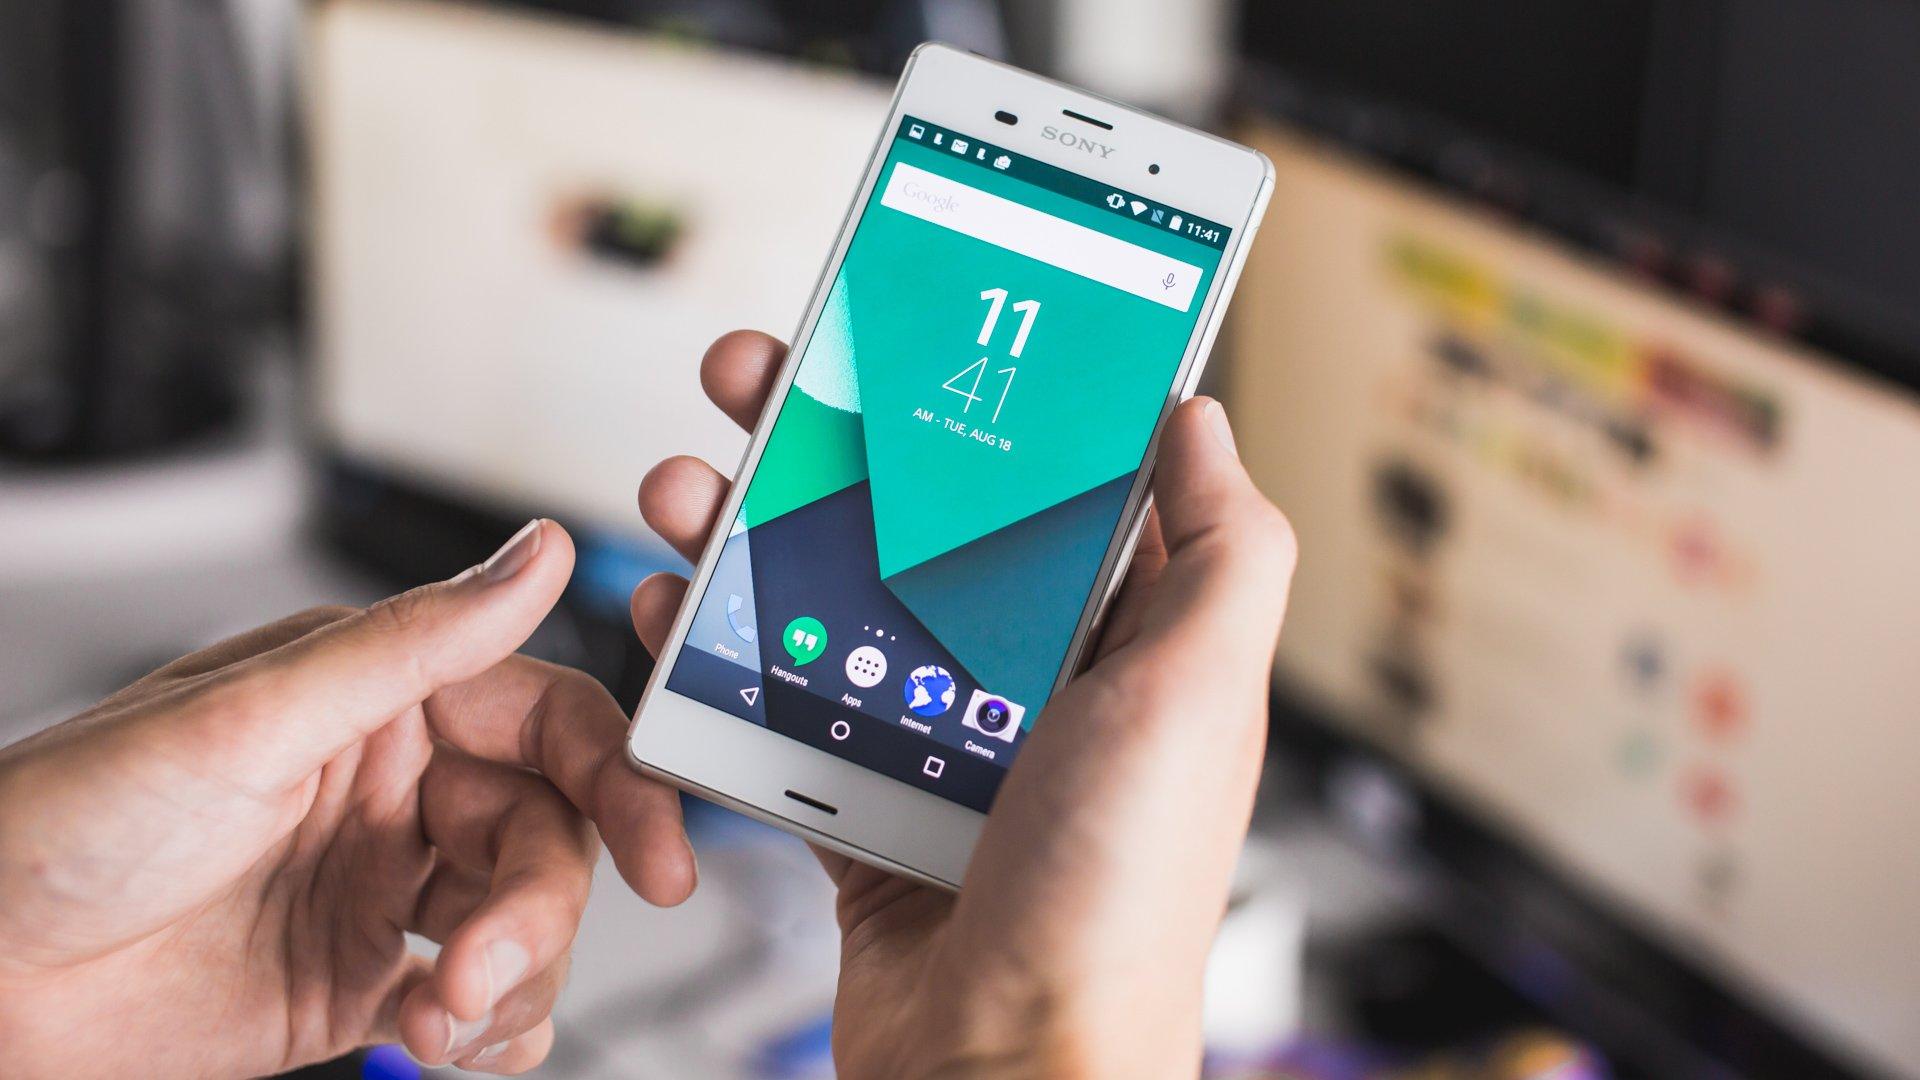 Kuidas muuta Android 6.0 funktsiooni Kaksteist seadet ja veelgi optimeerida energiatarbimist